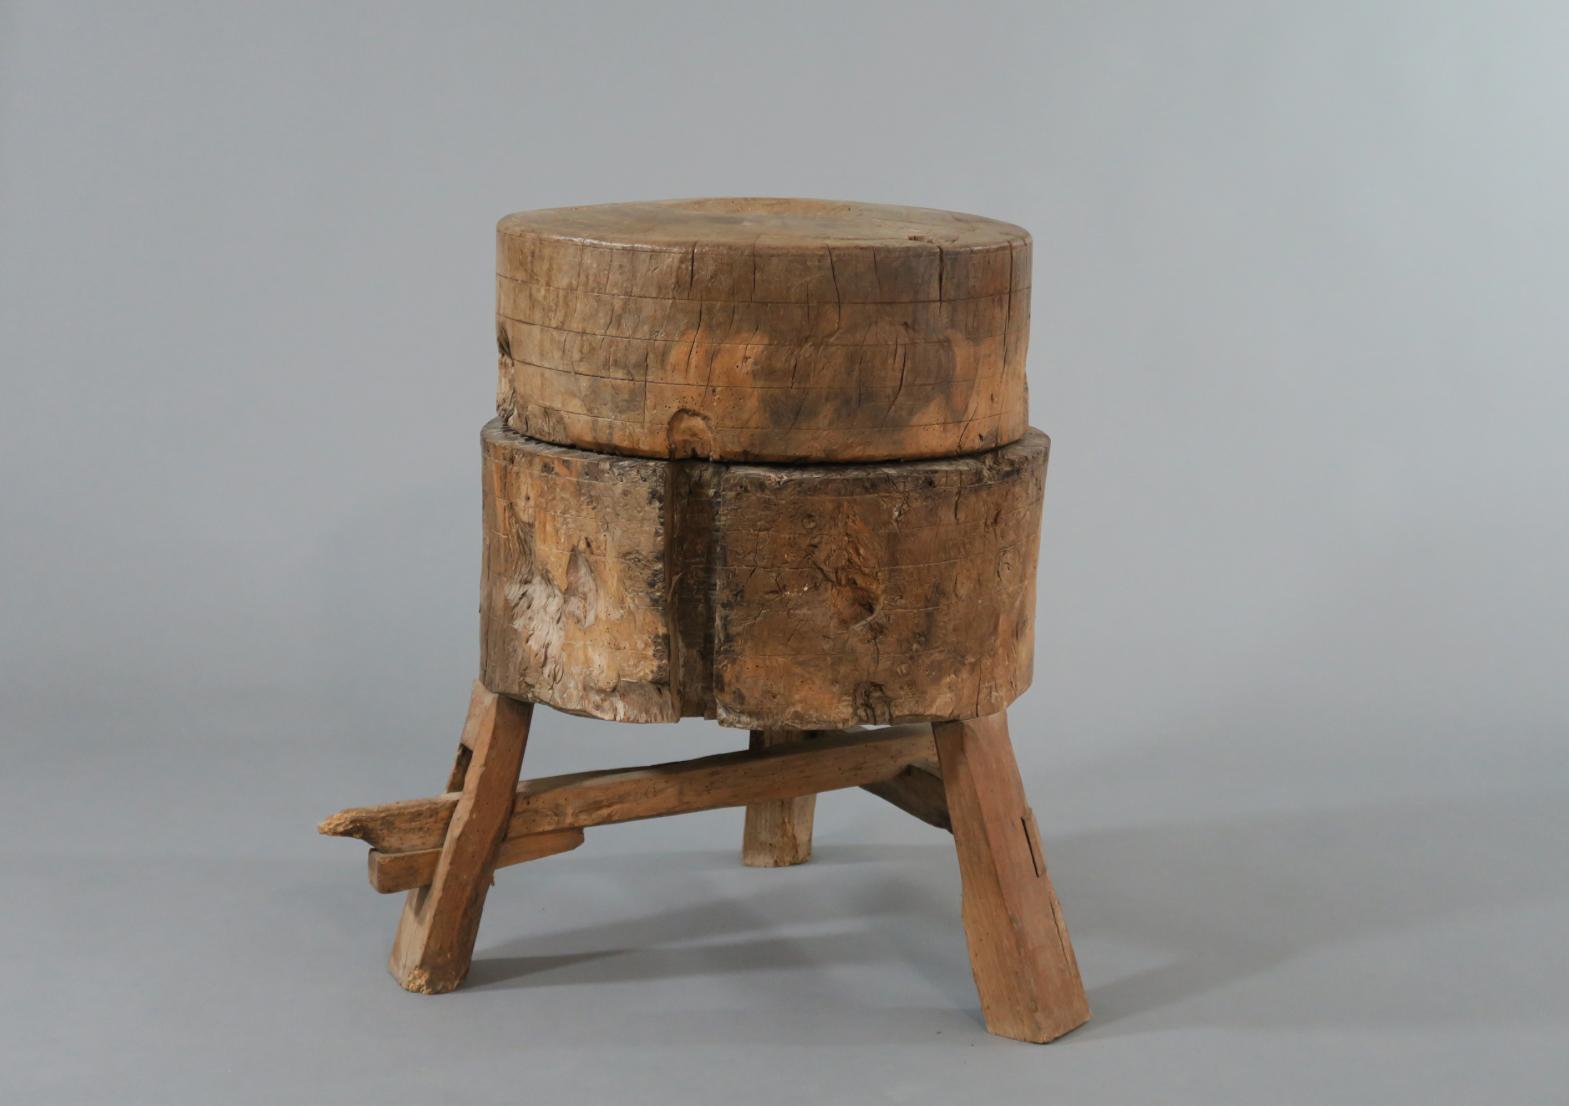 Moulin celtique, bois et métal, Collection Écomusée